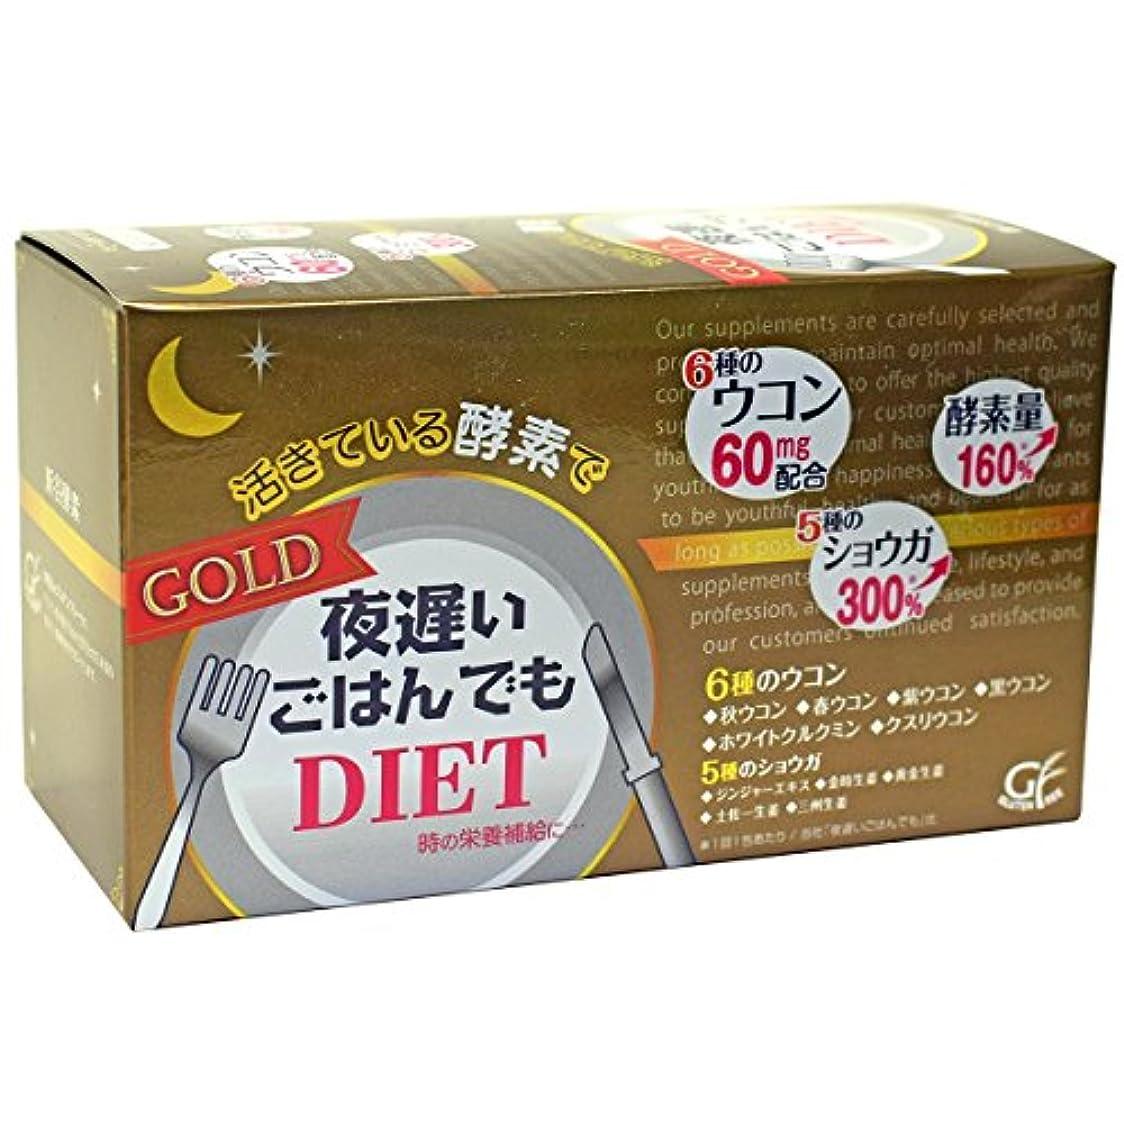 少年後悔交換新谷酵素 夜遅いごはんでも GOLD 30包入